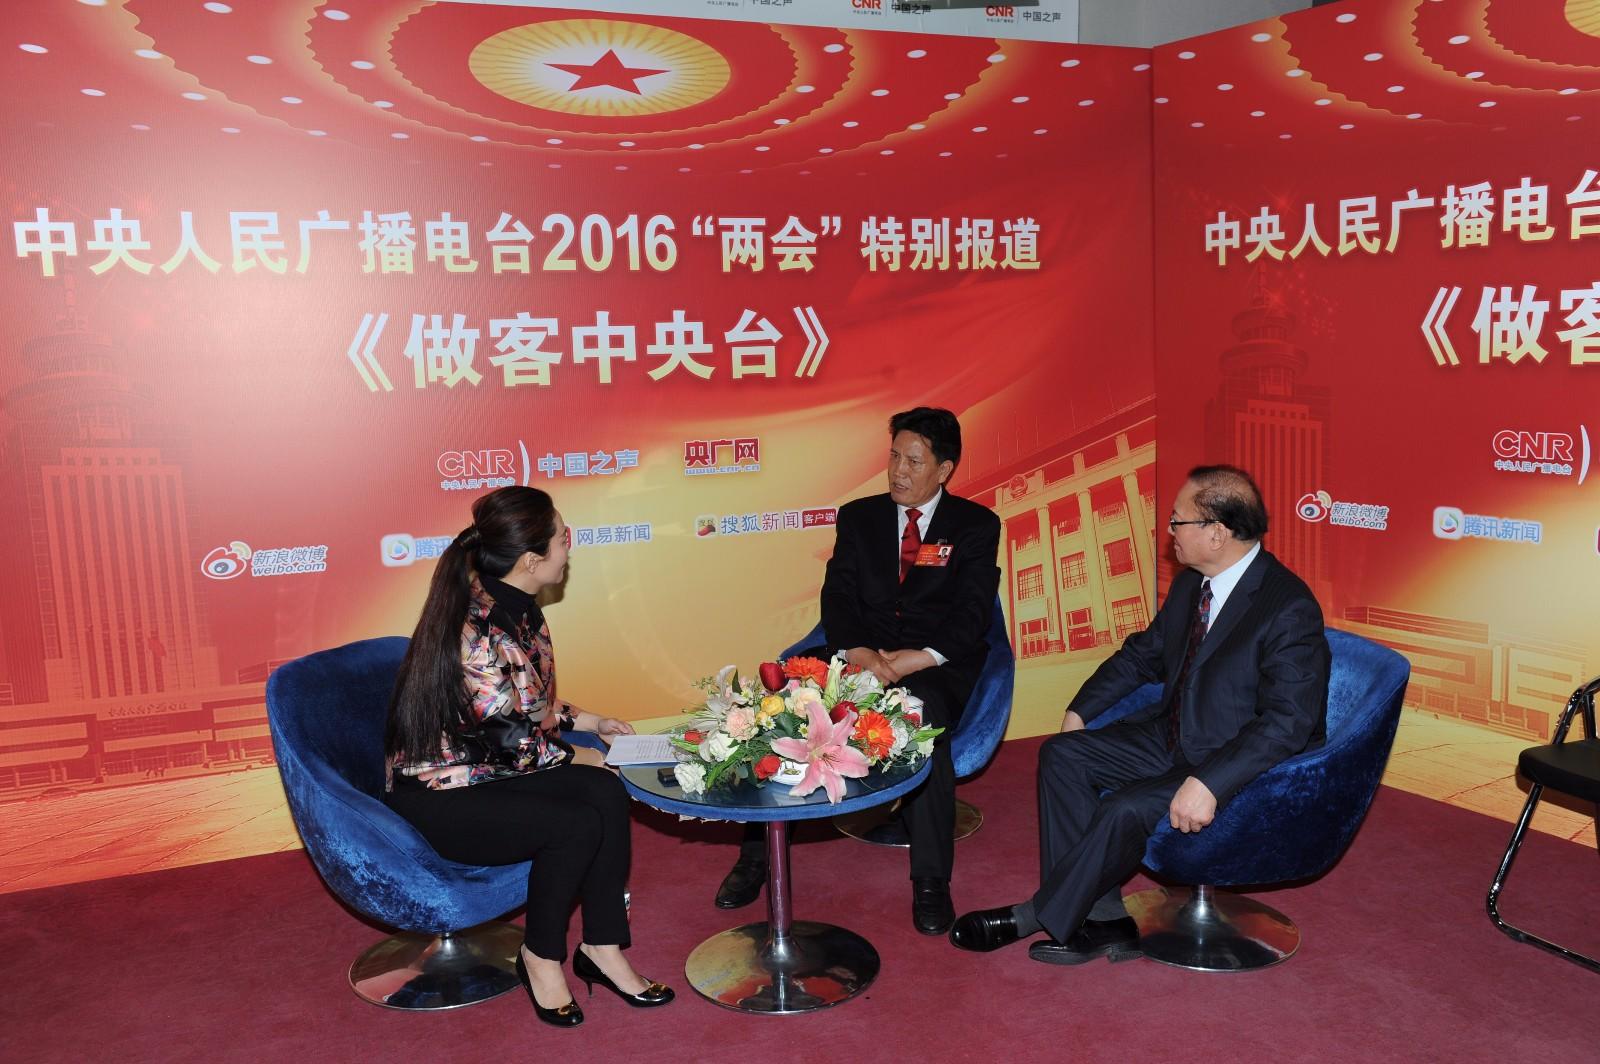 洛桑江村接受中央人民广播电台专访畅谈西藏美好未来